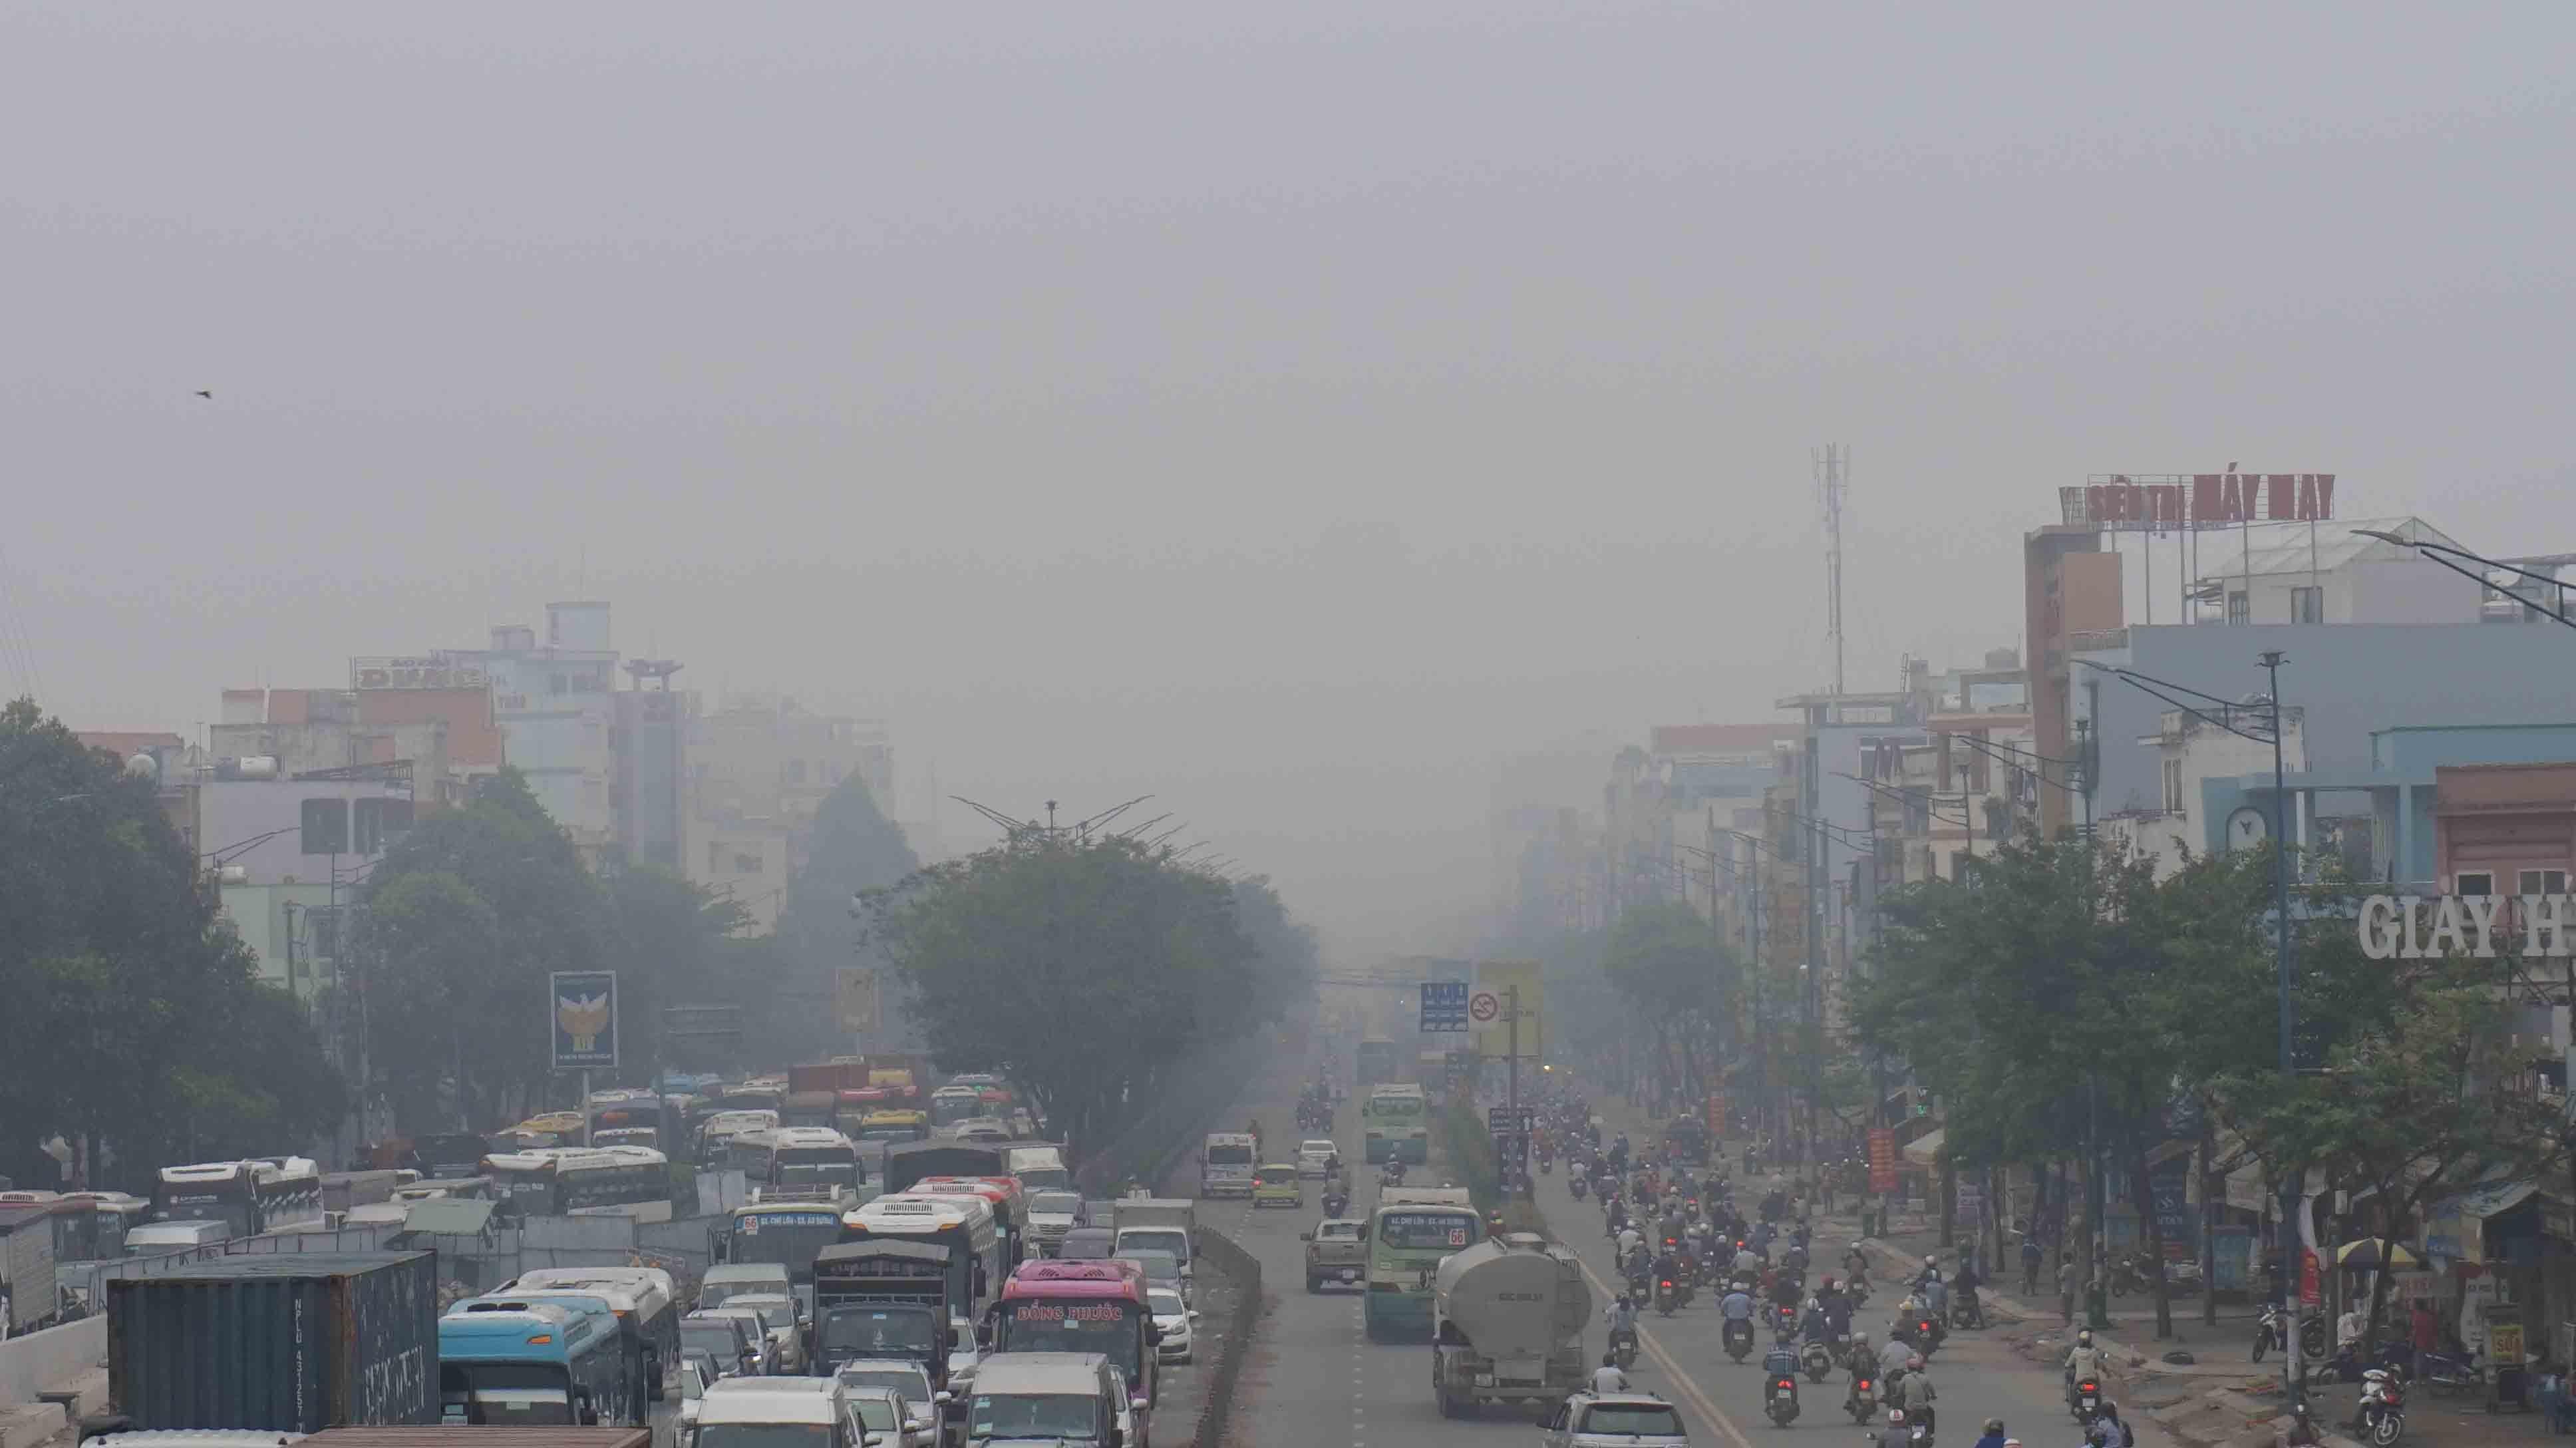 Hơn 8h sáng, các tòa nhà, khu dân cư ở khu vực quận trung tâm là 1,3, 10 và quận vùng ven: 7, 12, Tân Bình, Tân Phú, Hóc Môn, Củ Chi….bị che khuất trong lớp sương trắng đục.